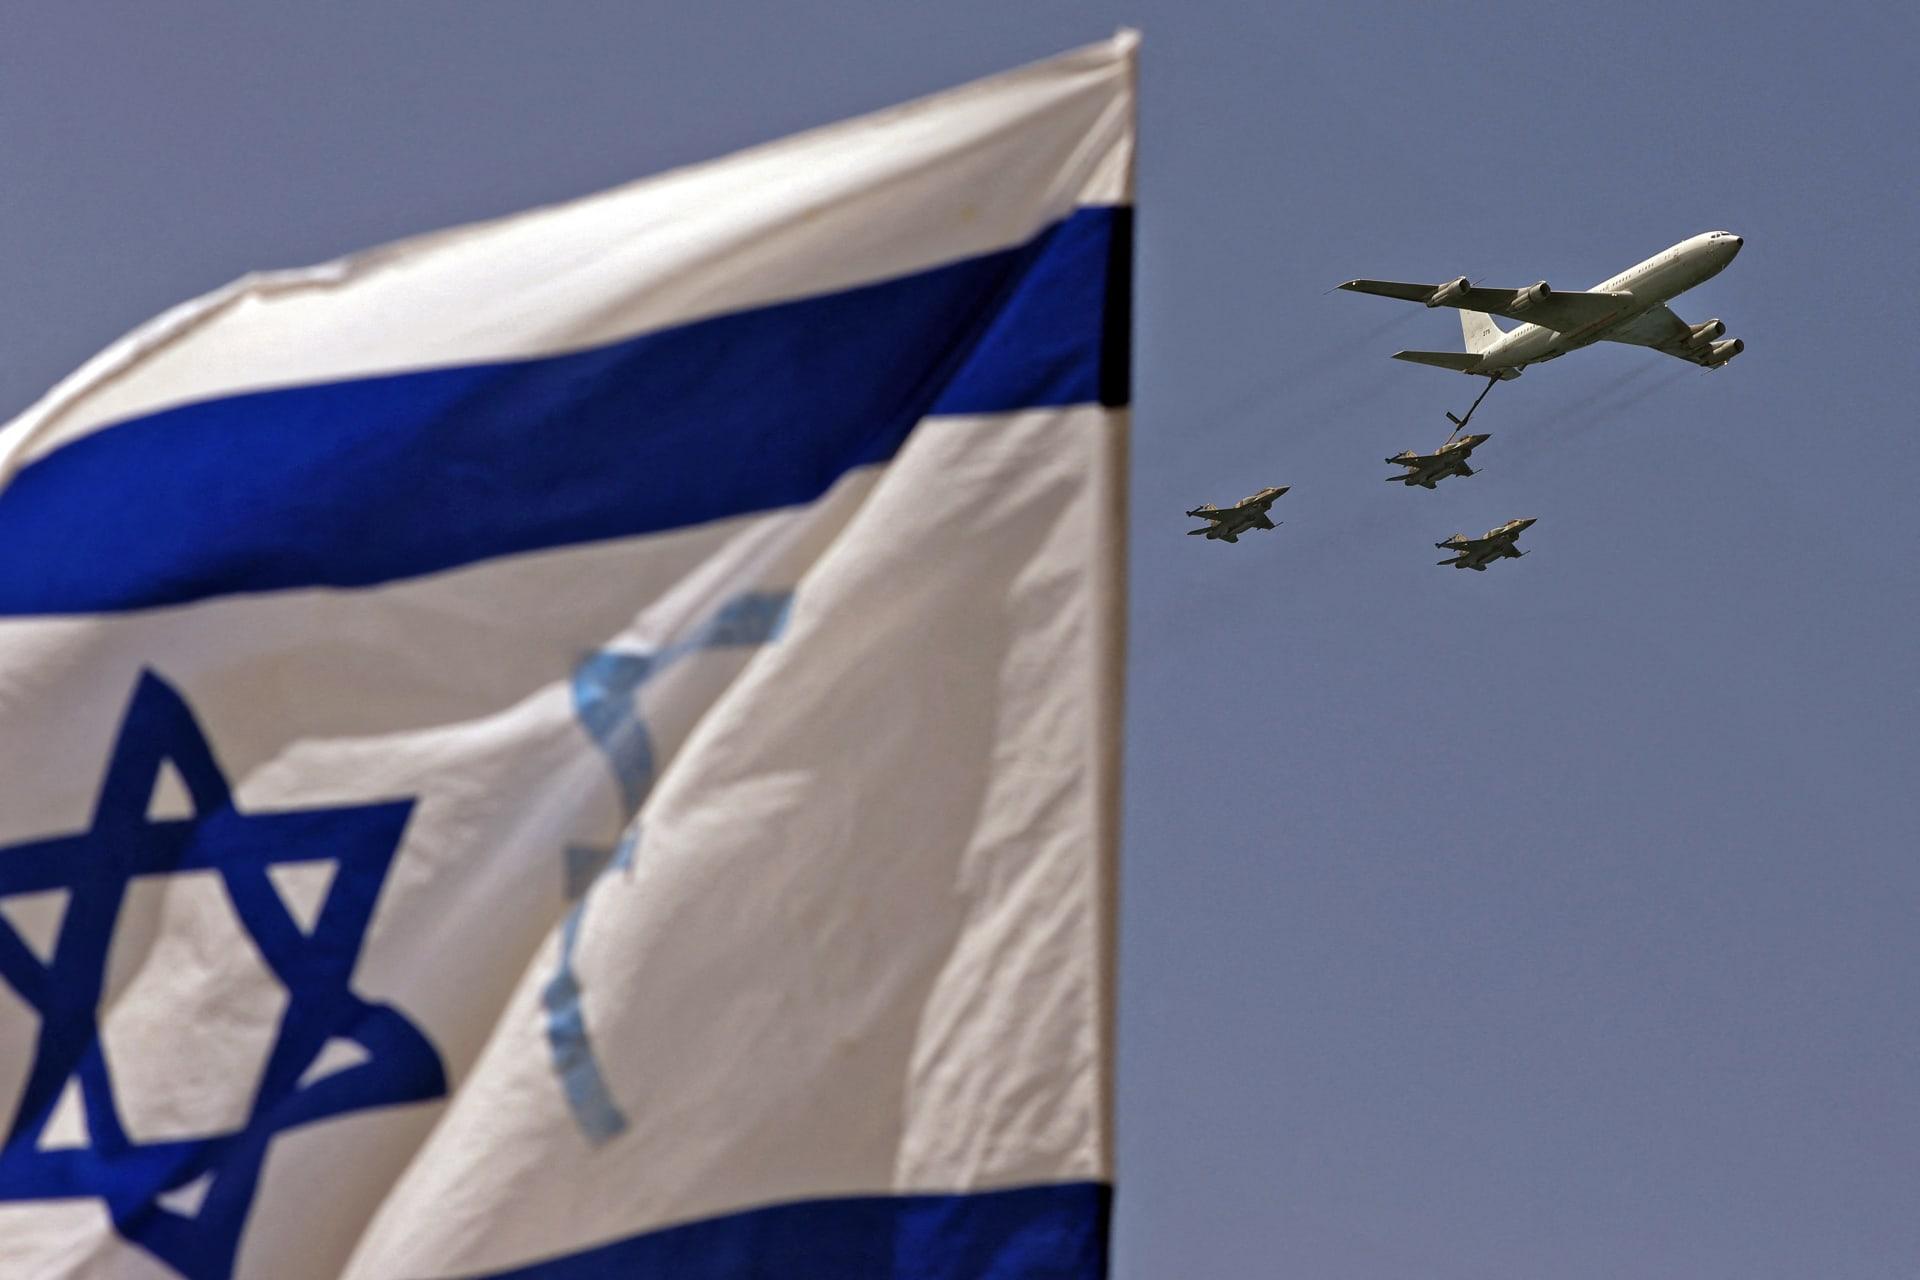 إسرائيل تُعلن ضرب مواقع لحماس في غزة بعد إطلاق قذائف صاروخية